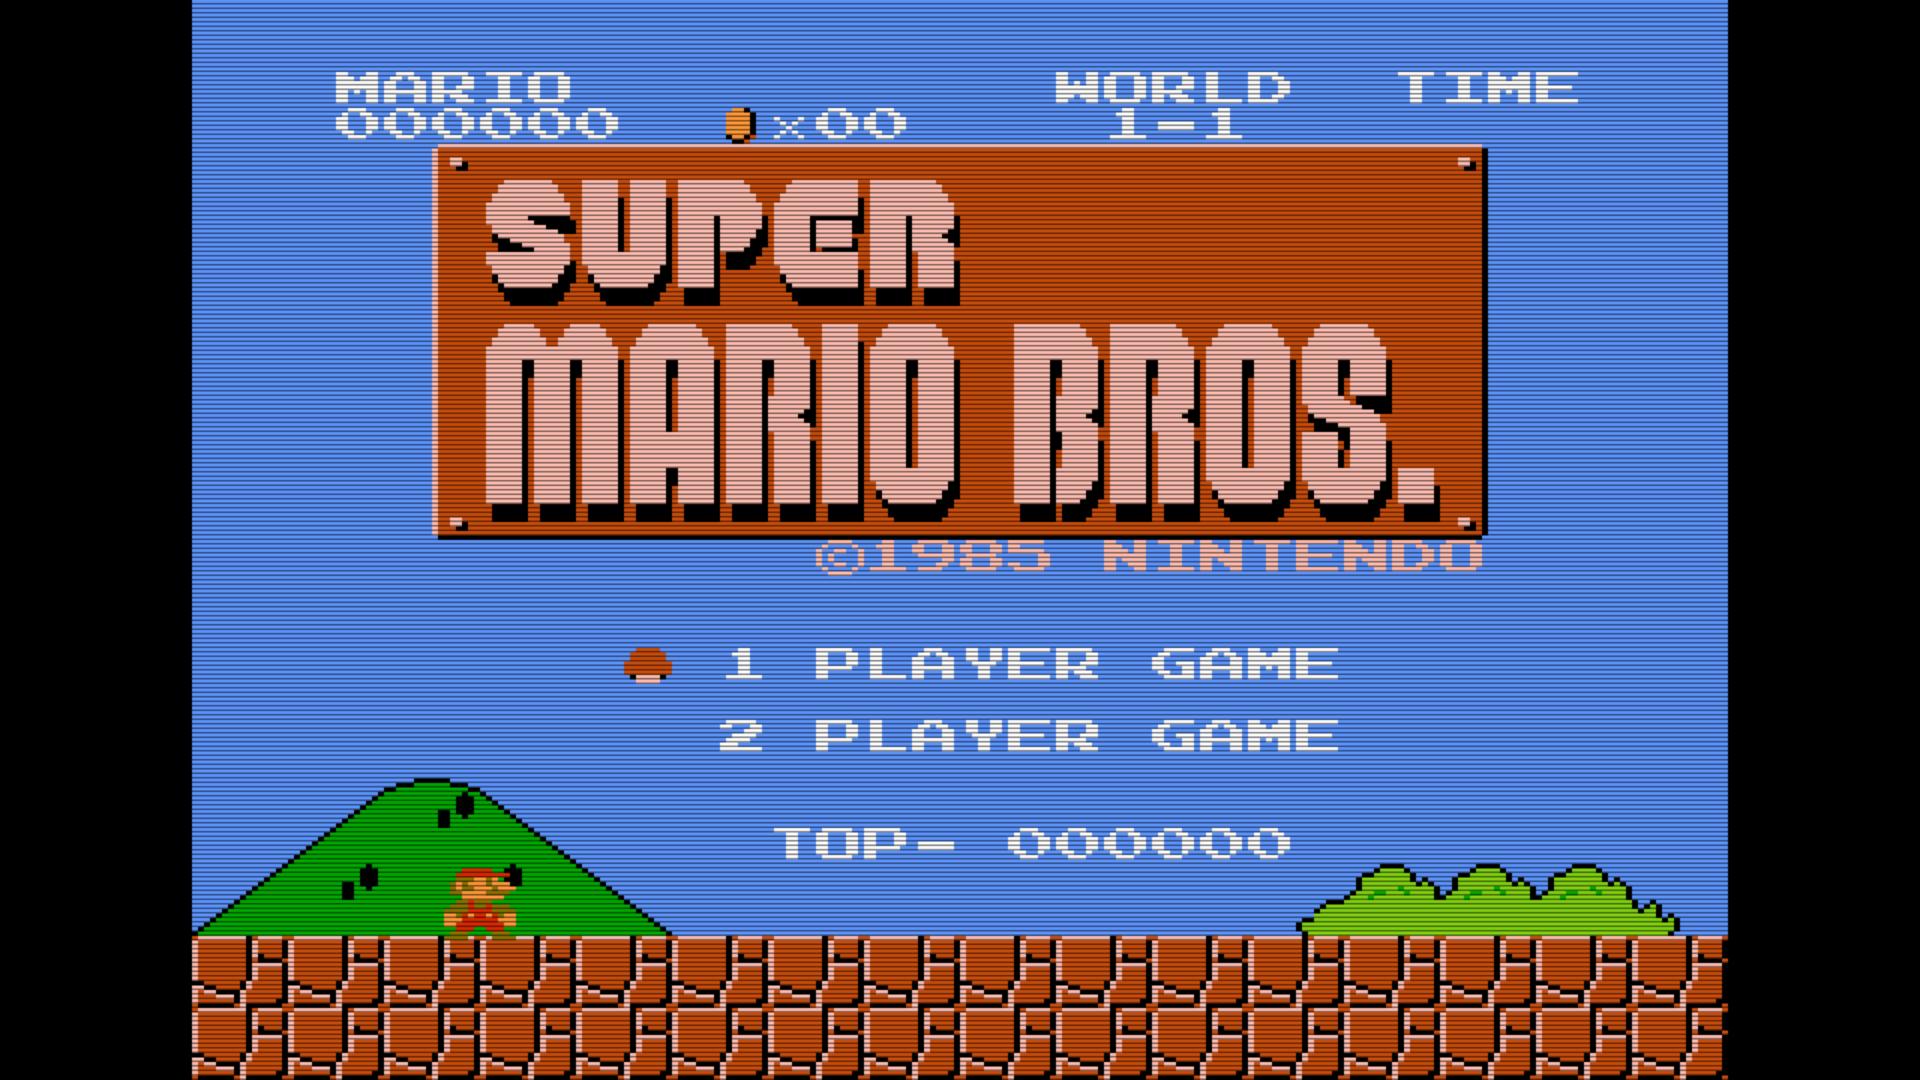 super_mario_bros_4x3_scanline_1920x1080_